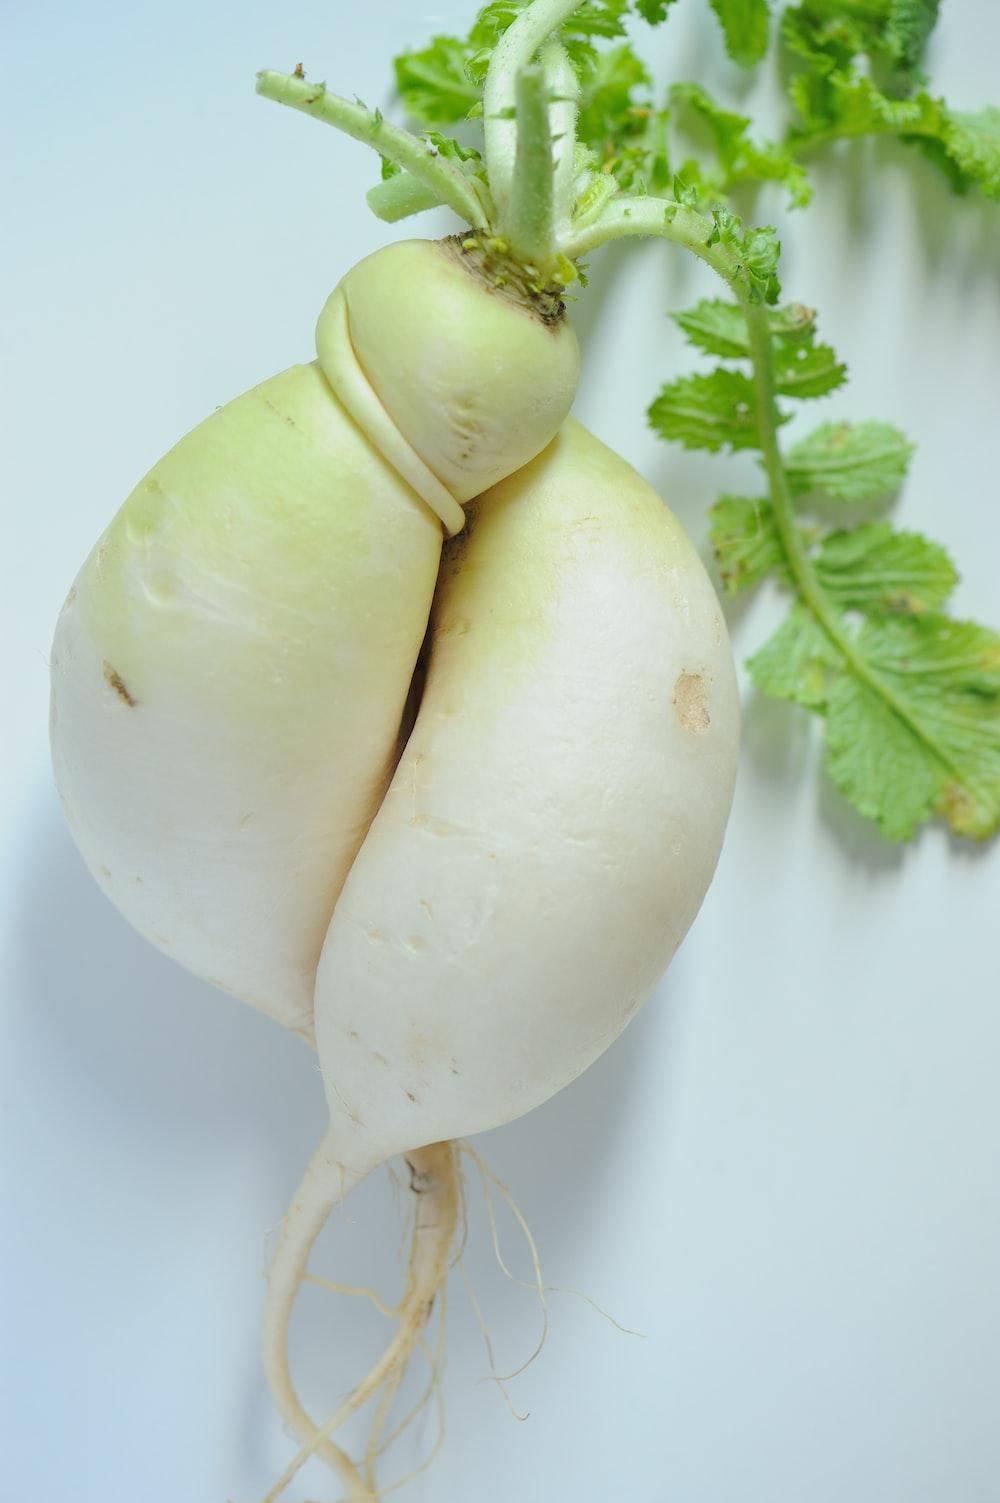 white garlic on white surface